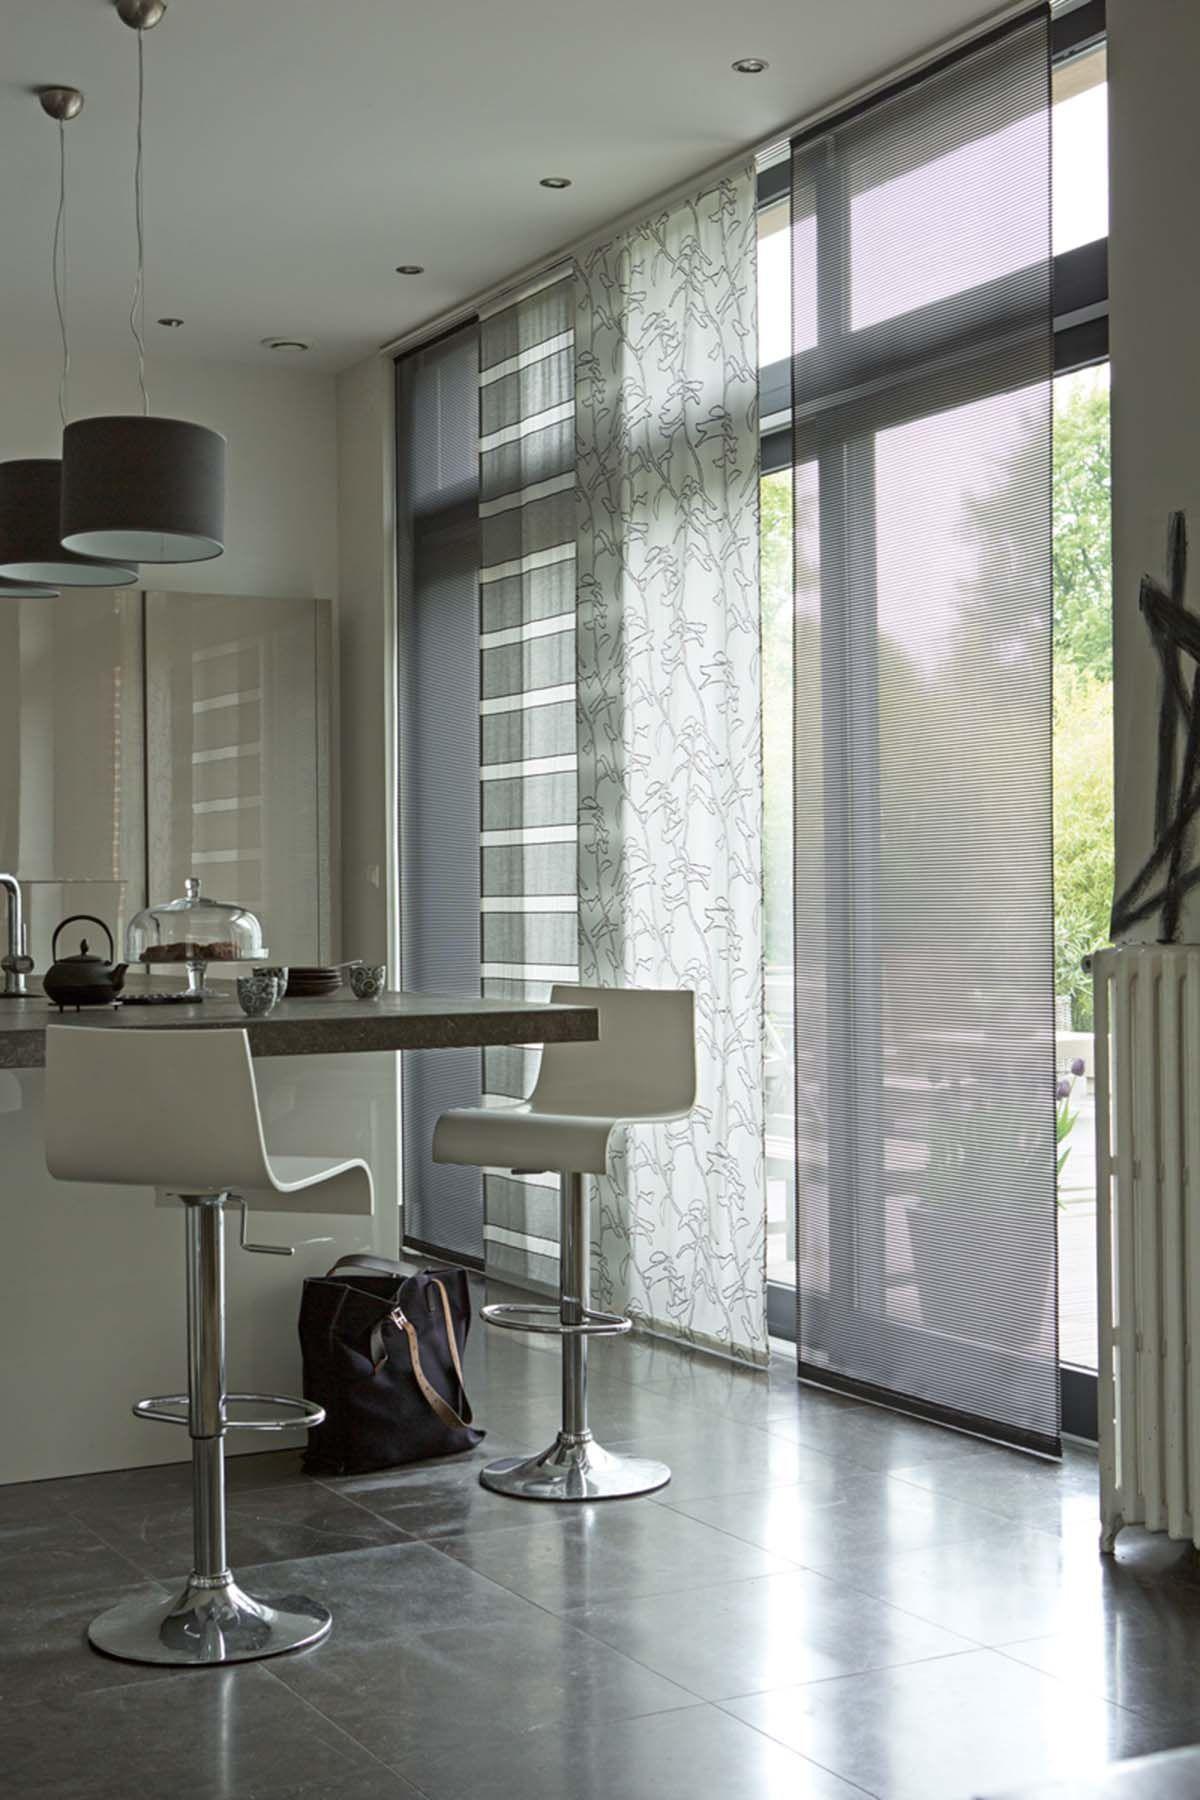 trois mod les de panneaux japonais ombrage pueblo et liege curtains pinterest panneau. Black Bedroom Furniture Sets. Home Design Ideas